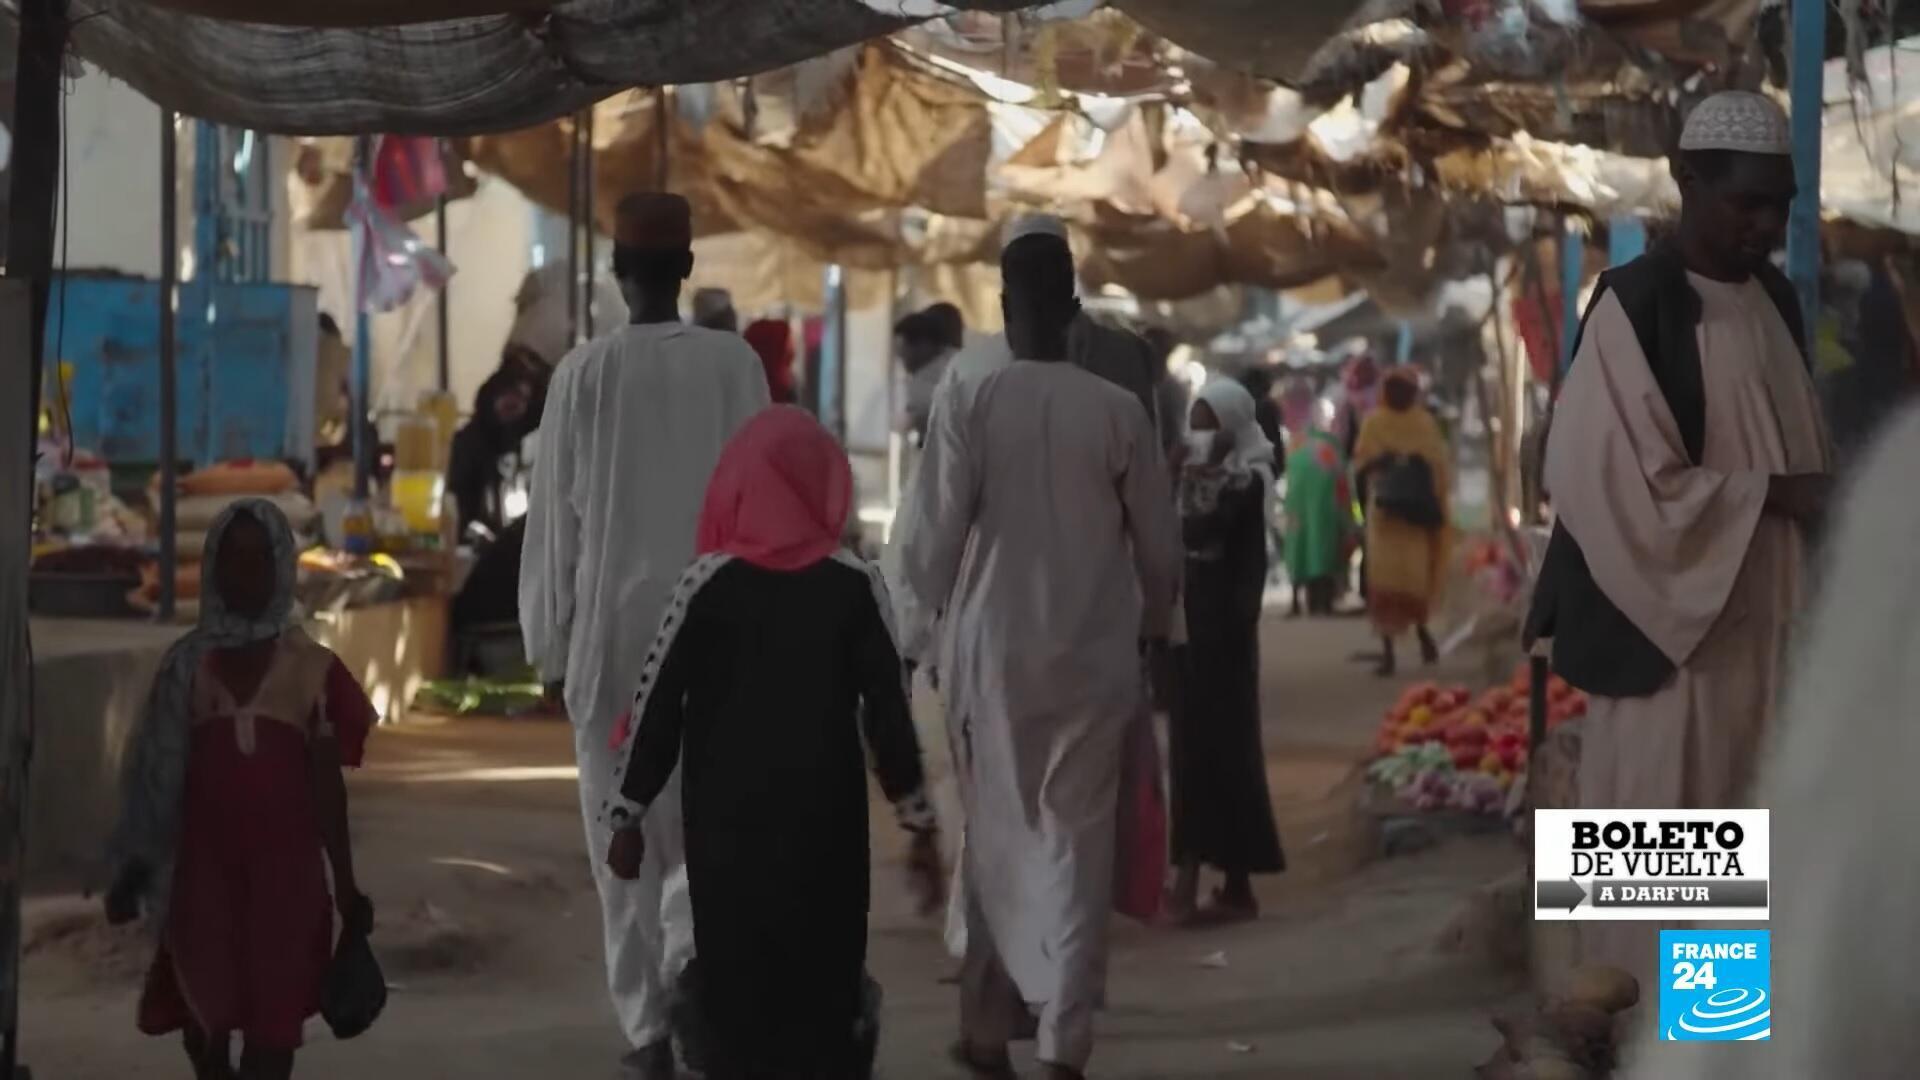 Boleto de vuelta Darfur